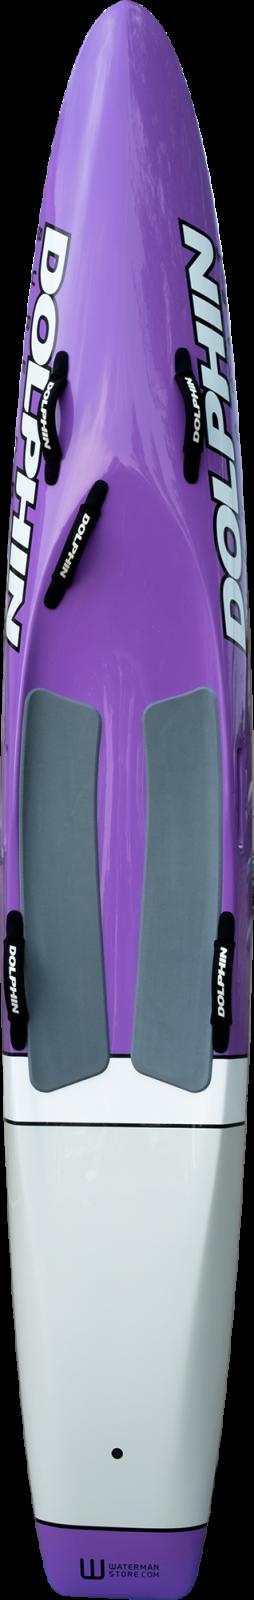 Dolphin 10'6 XXL - 391